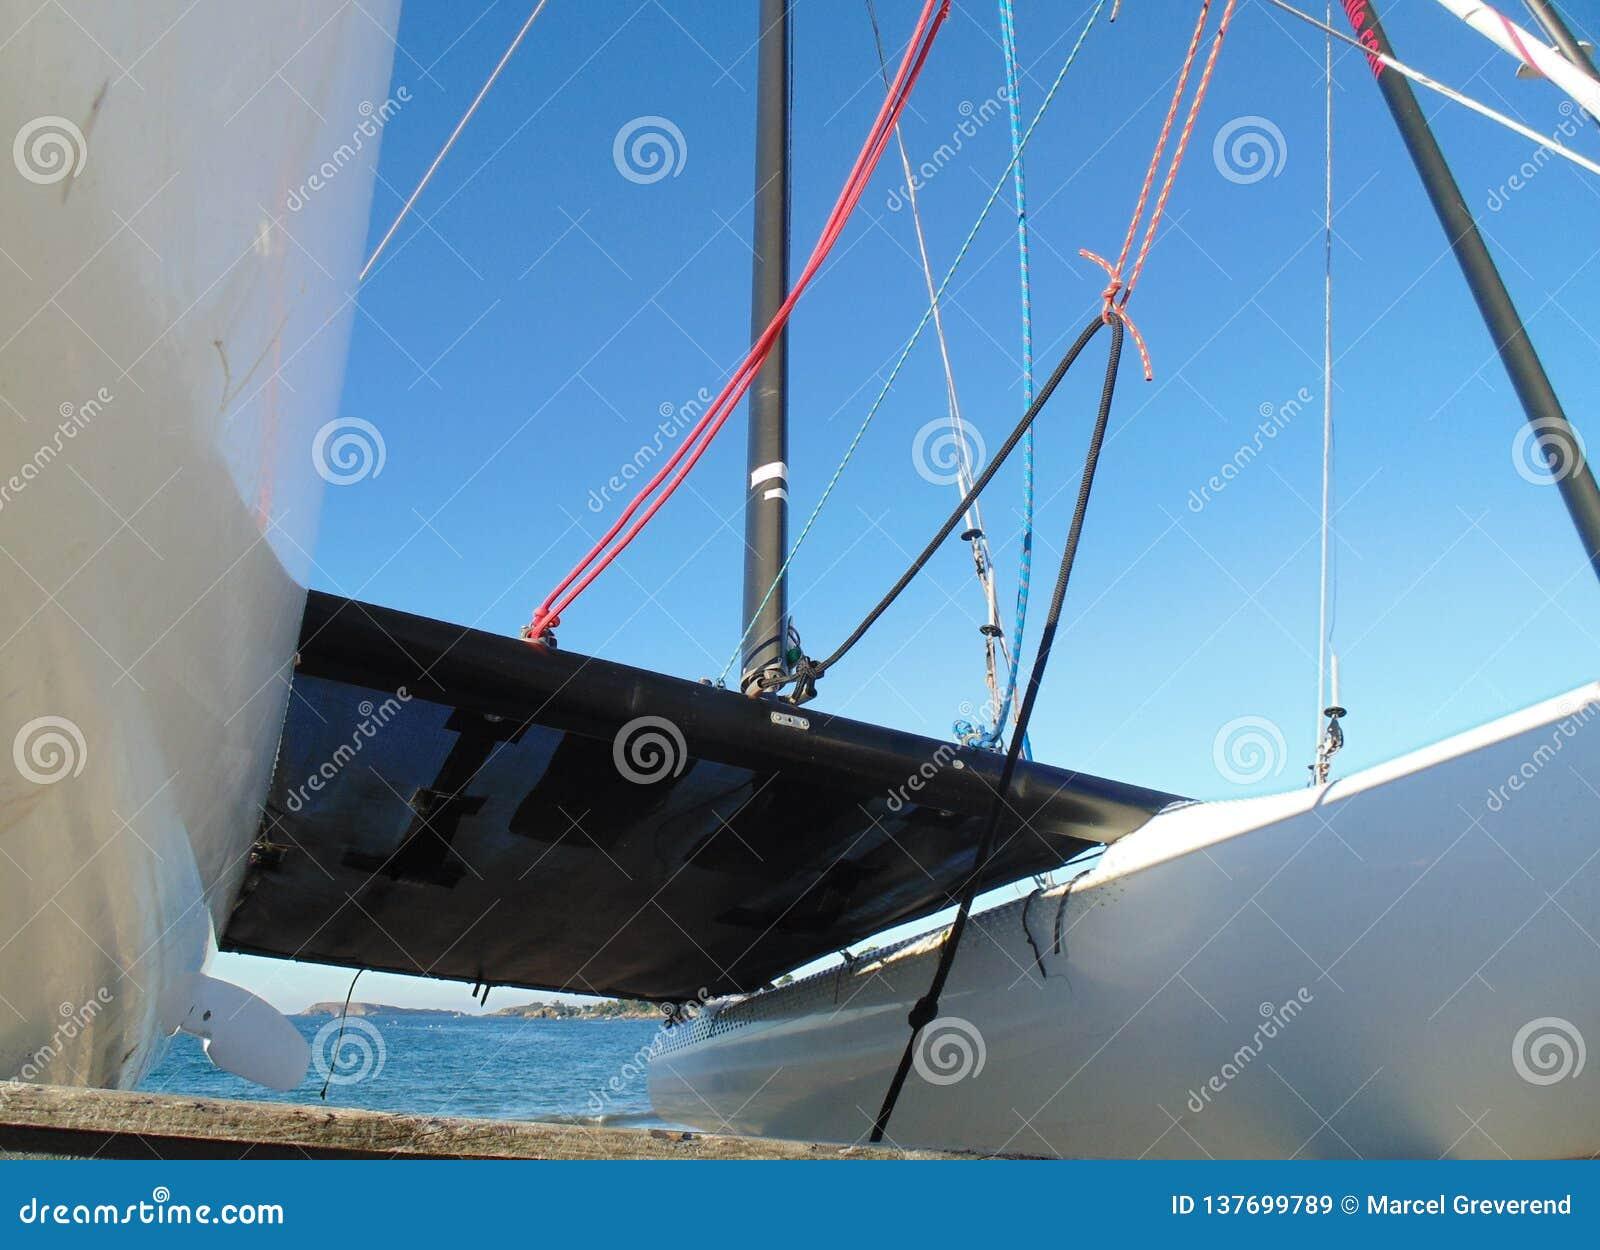 Właśnie przed catamaran